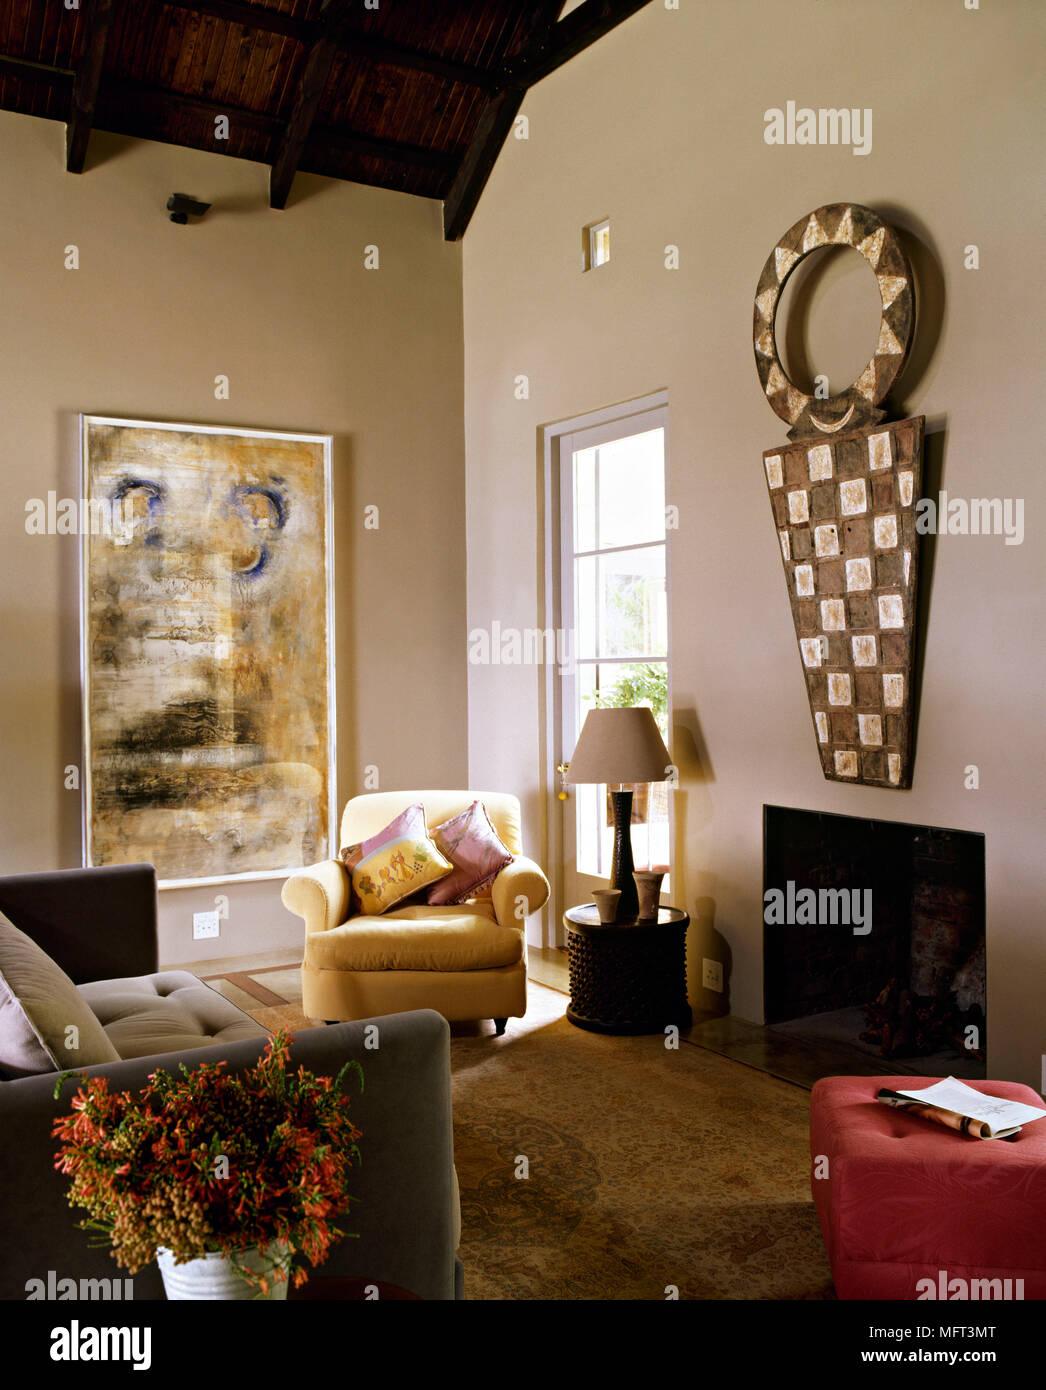 Land Wohnzimmer Kamin Sofa Gepolstertem Sessel Hocker Wand Dekoration Inneneinrichtung Zimmer Rustikale Kamine Stockfotografie Alamy